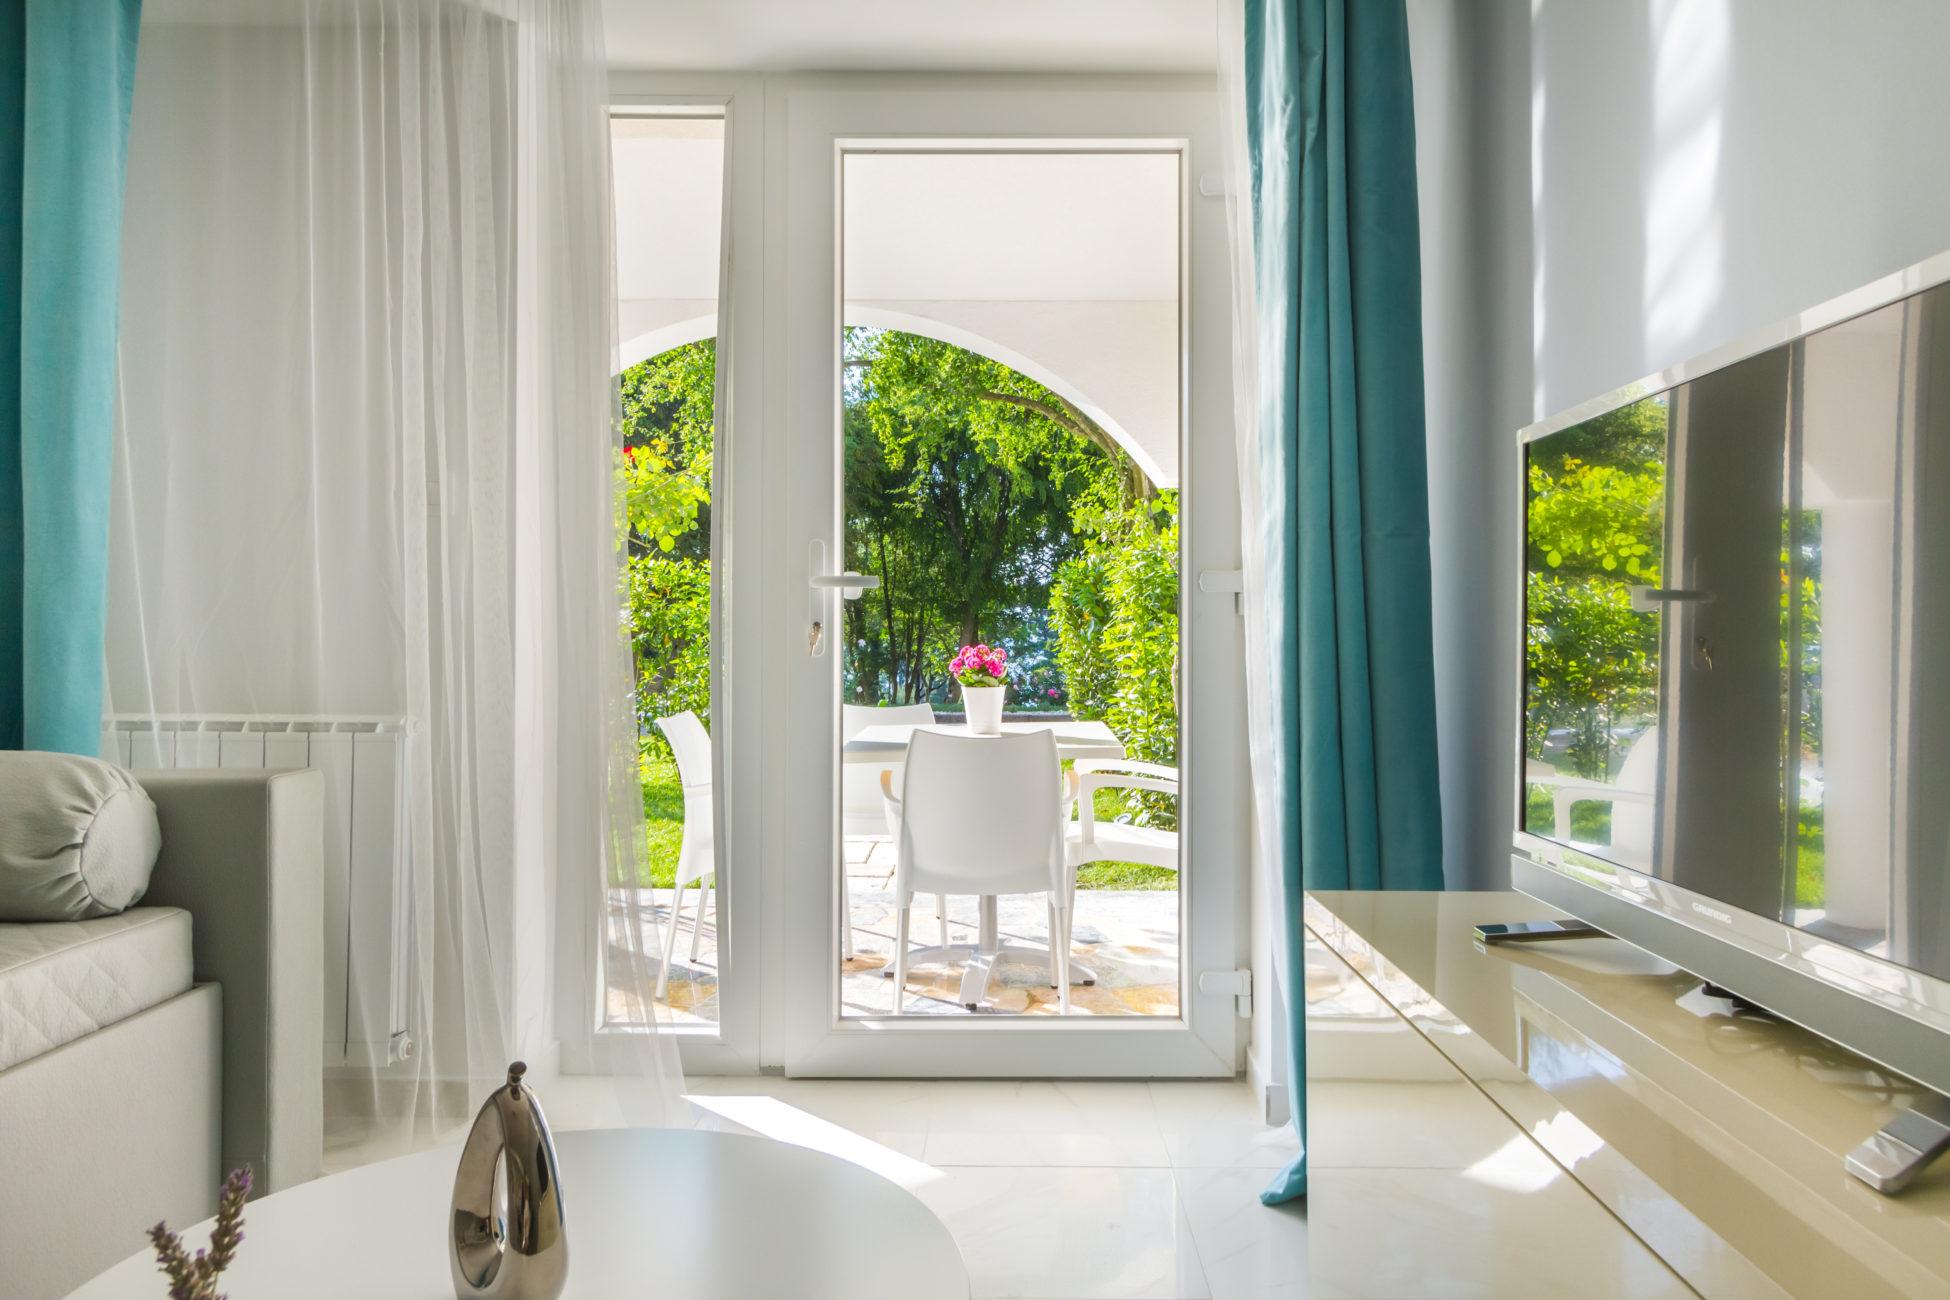 Suite famigliare con terrazza e giardino dell'albergo Malin